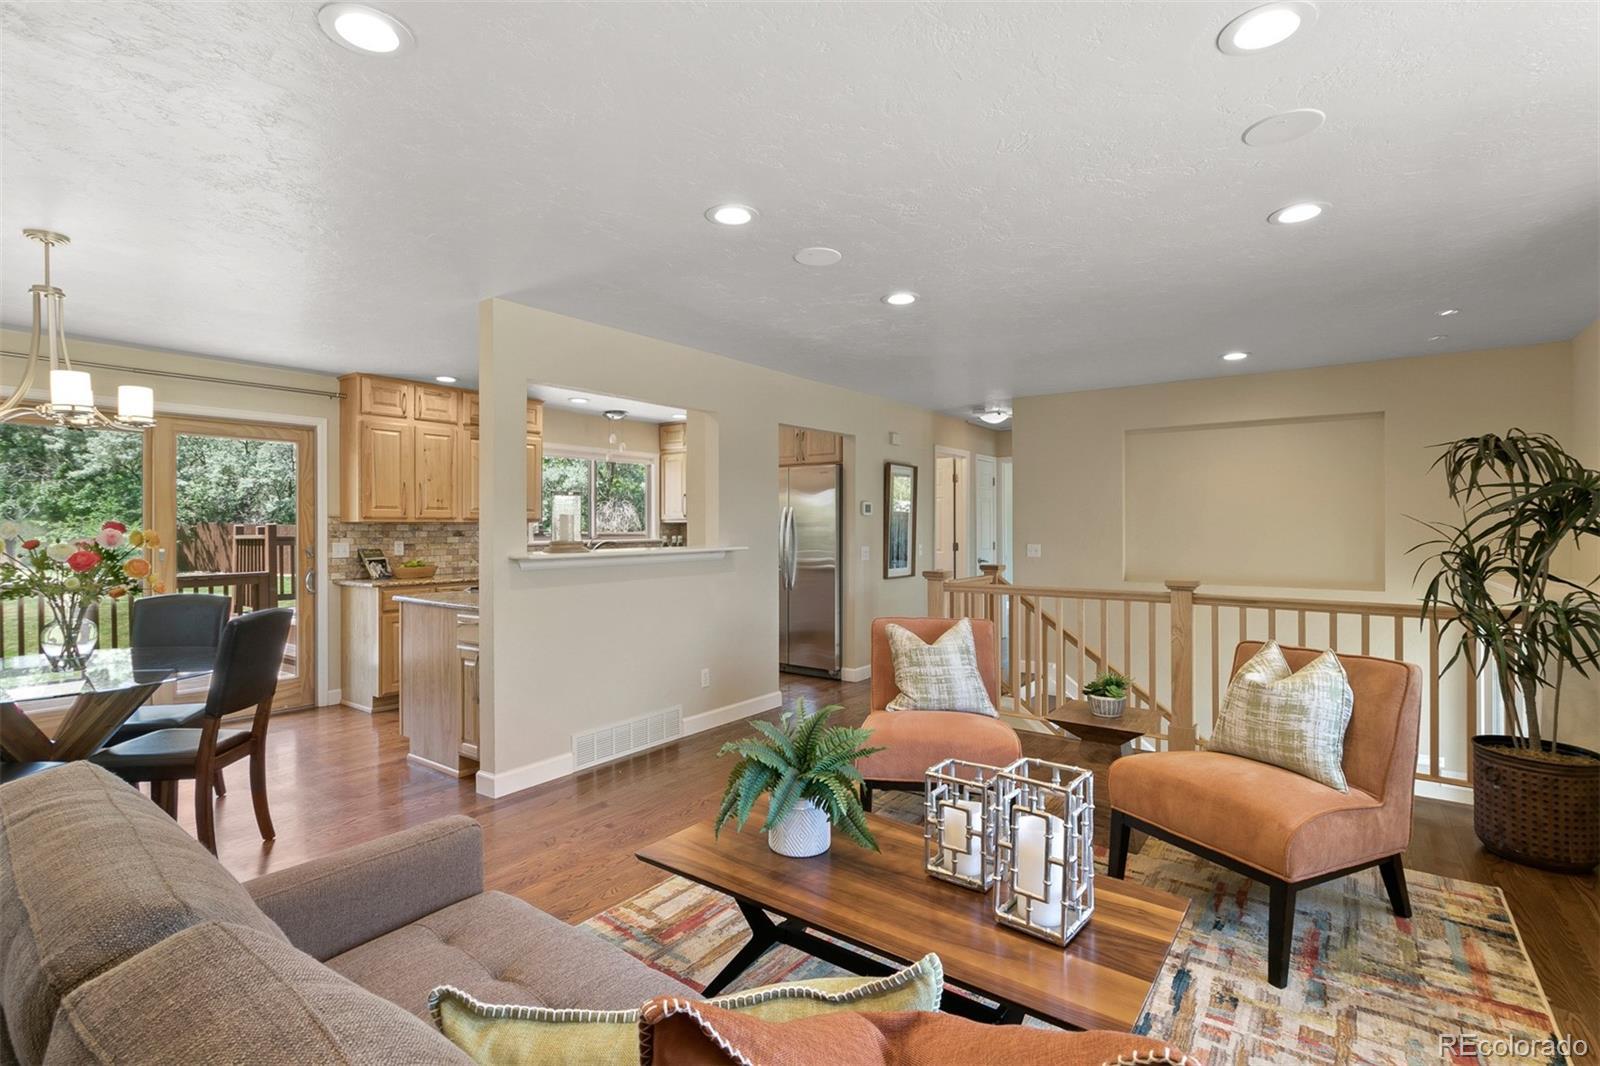 MLS# 2204463 - 5 - 1346 Scrub Oak Circle, Boulder, CO 80305